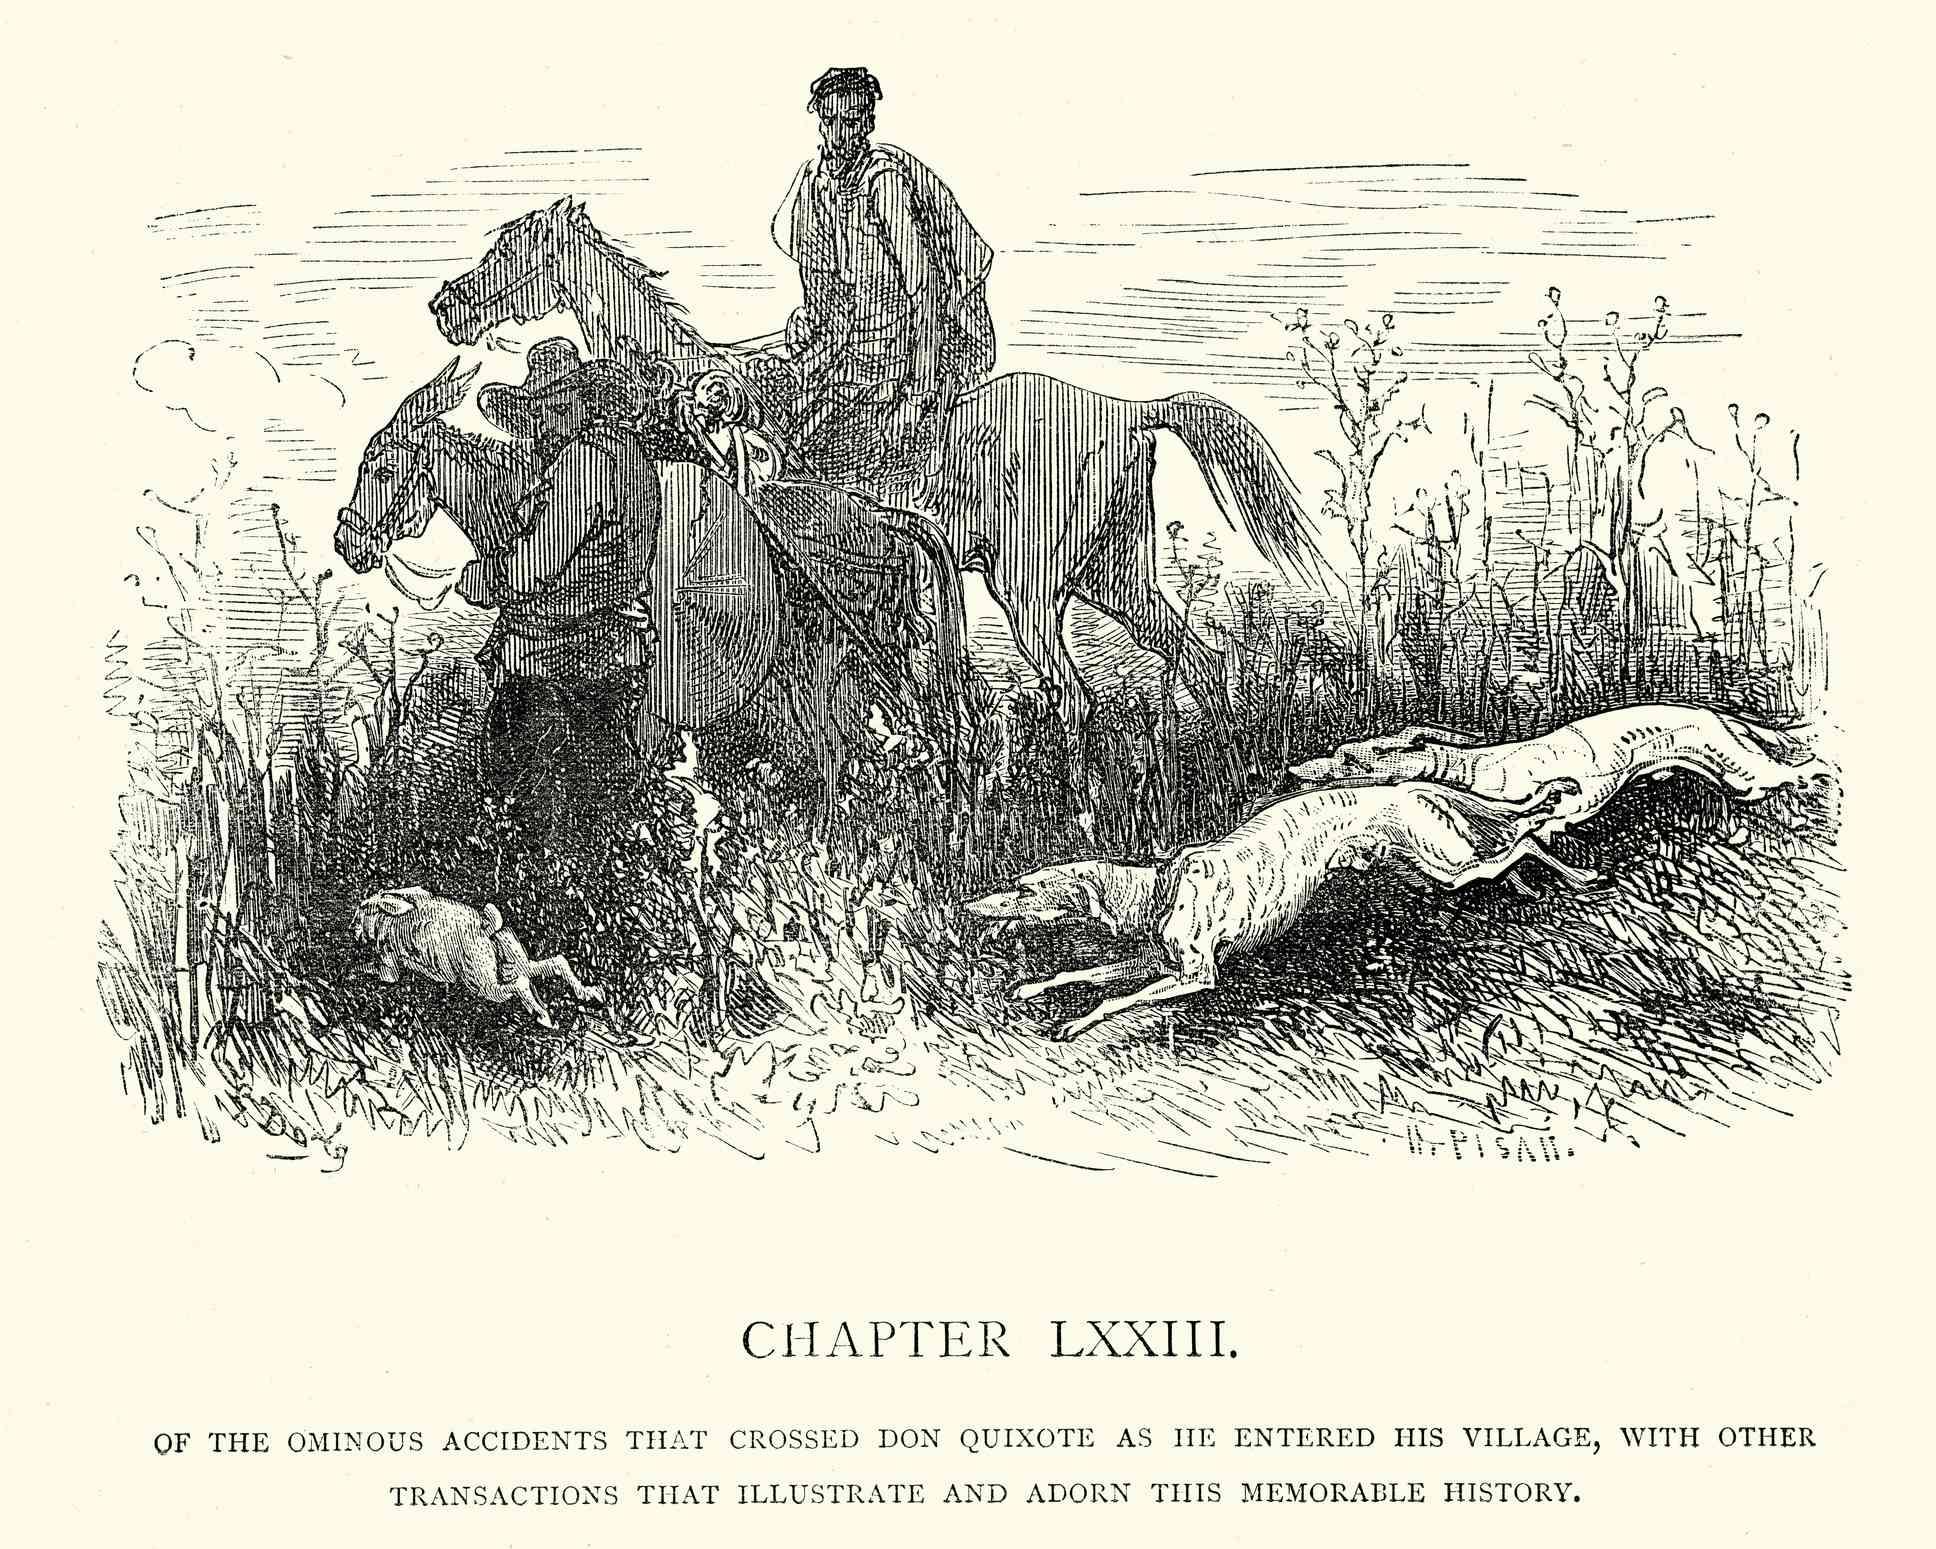 Ilustración de Don Quijote, de Miguel de Cervantes con Galgos